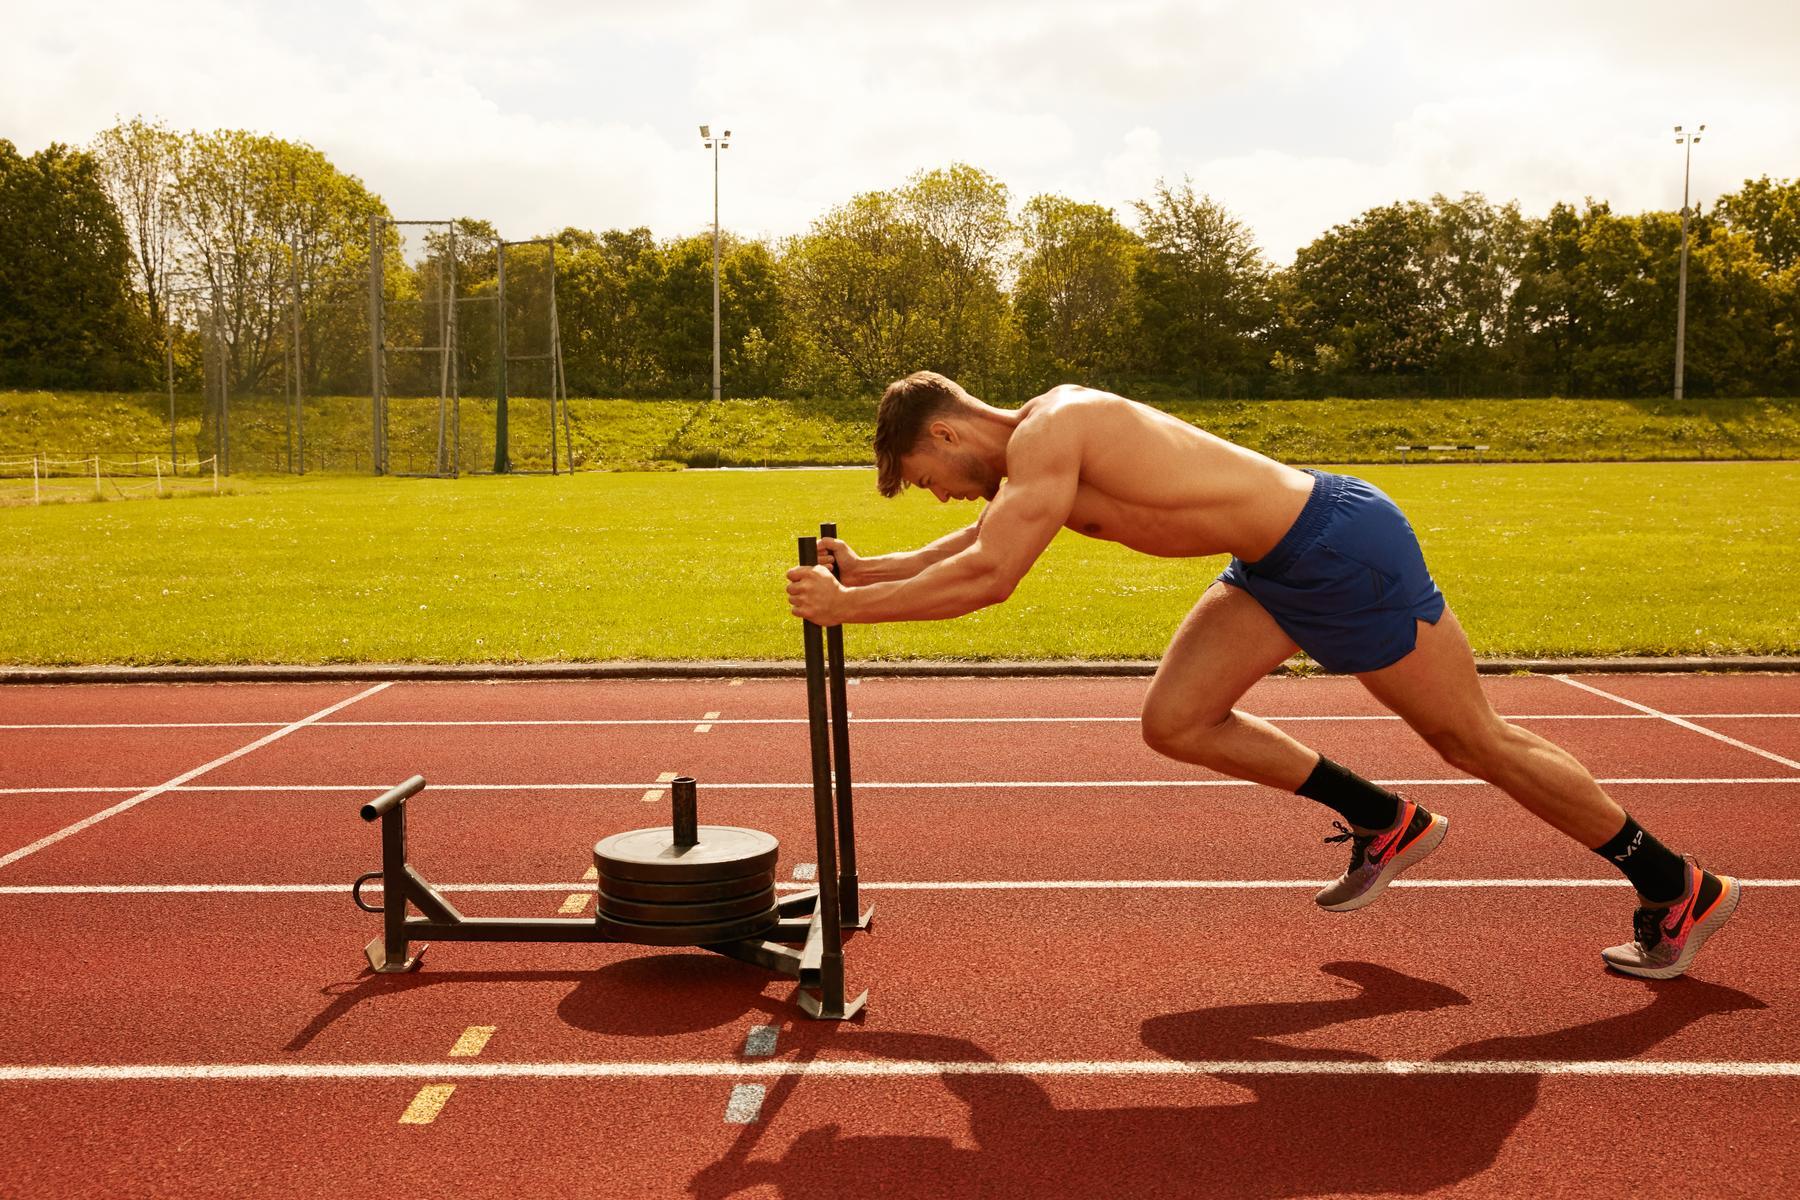 Aký typ tréningu je najefektívnejší? | Má fyzická aktivita vplyv na pamäť? | Zaujímavé štúdie